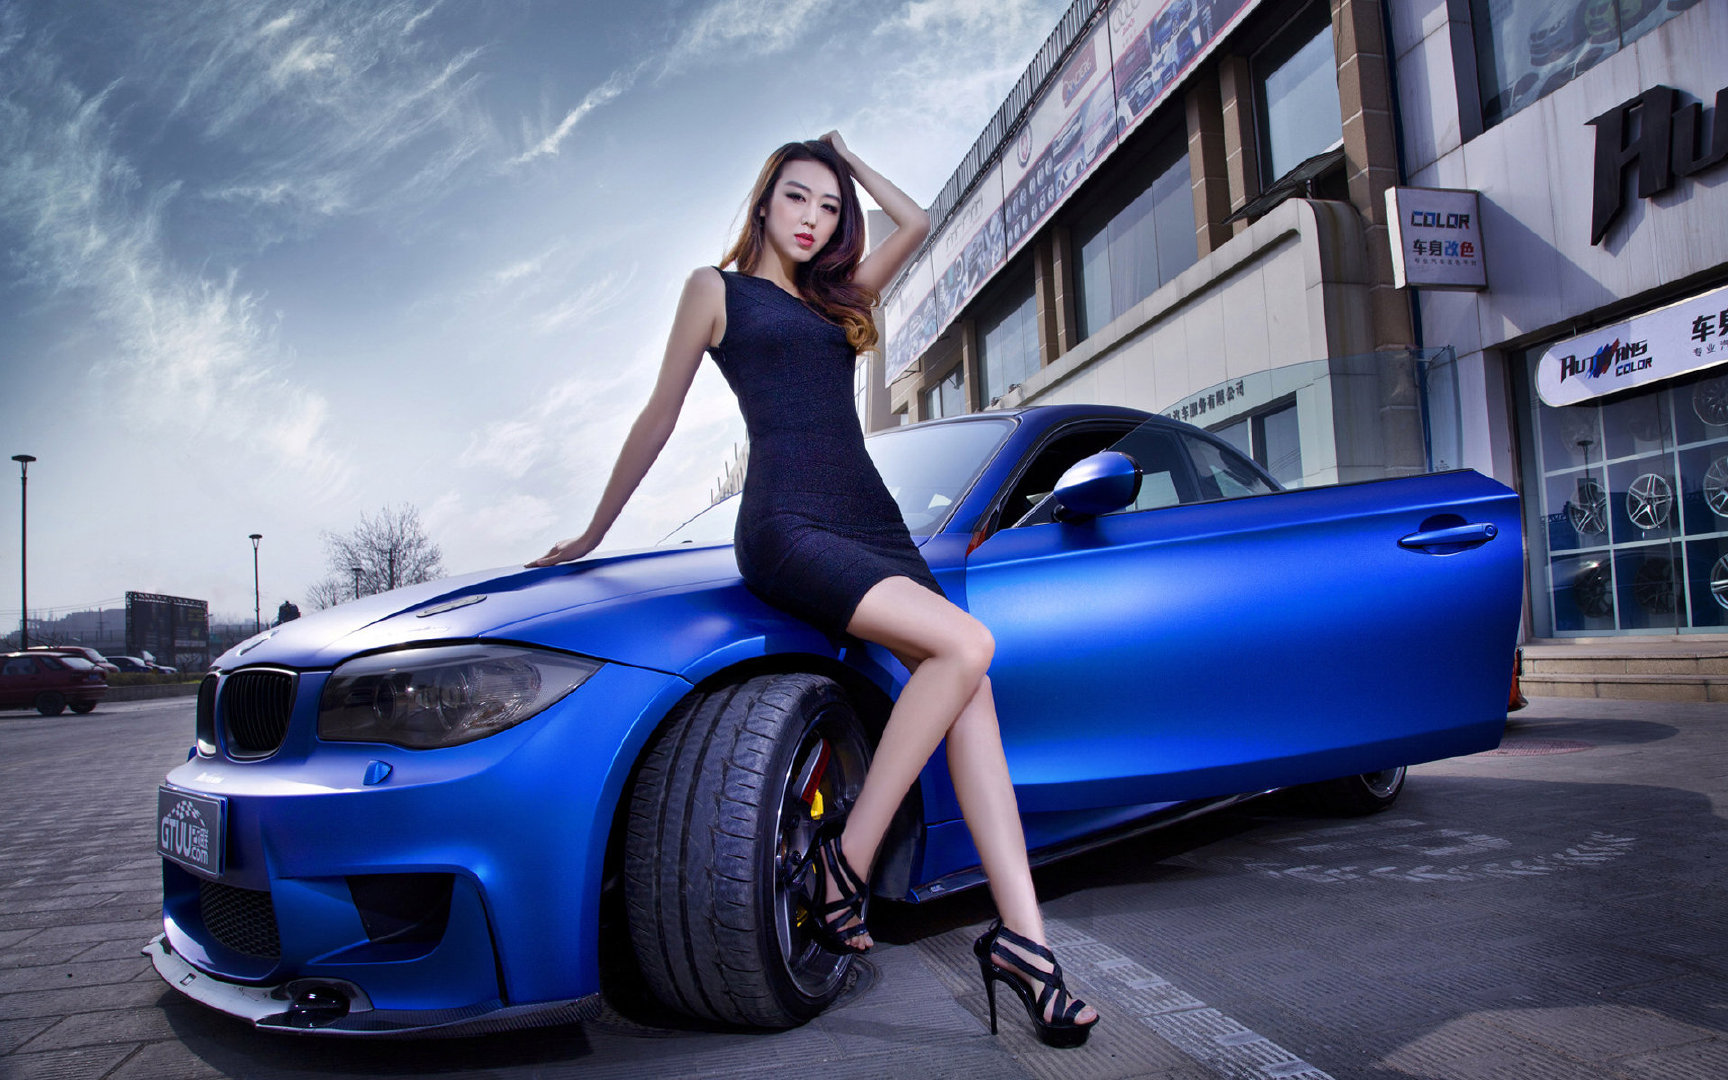 宝马1M美女车模1080P高清写真壁纸